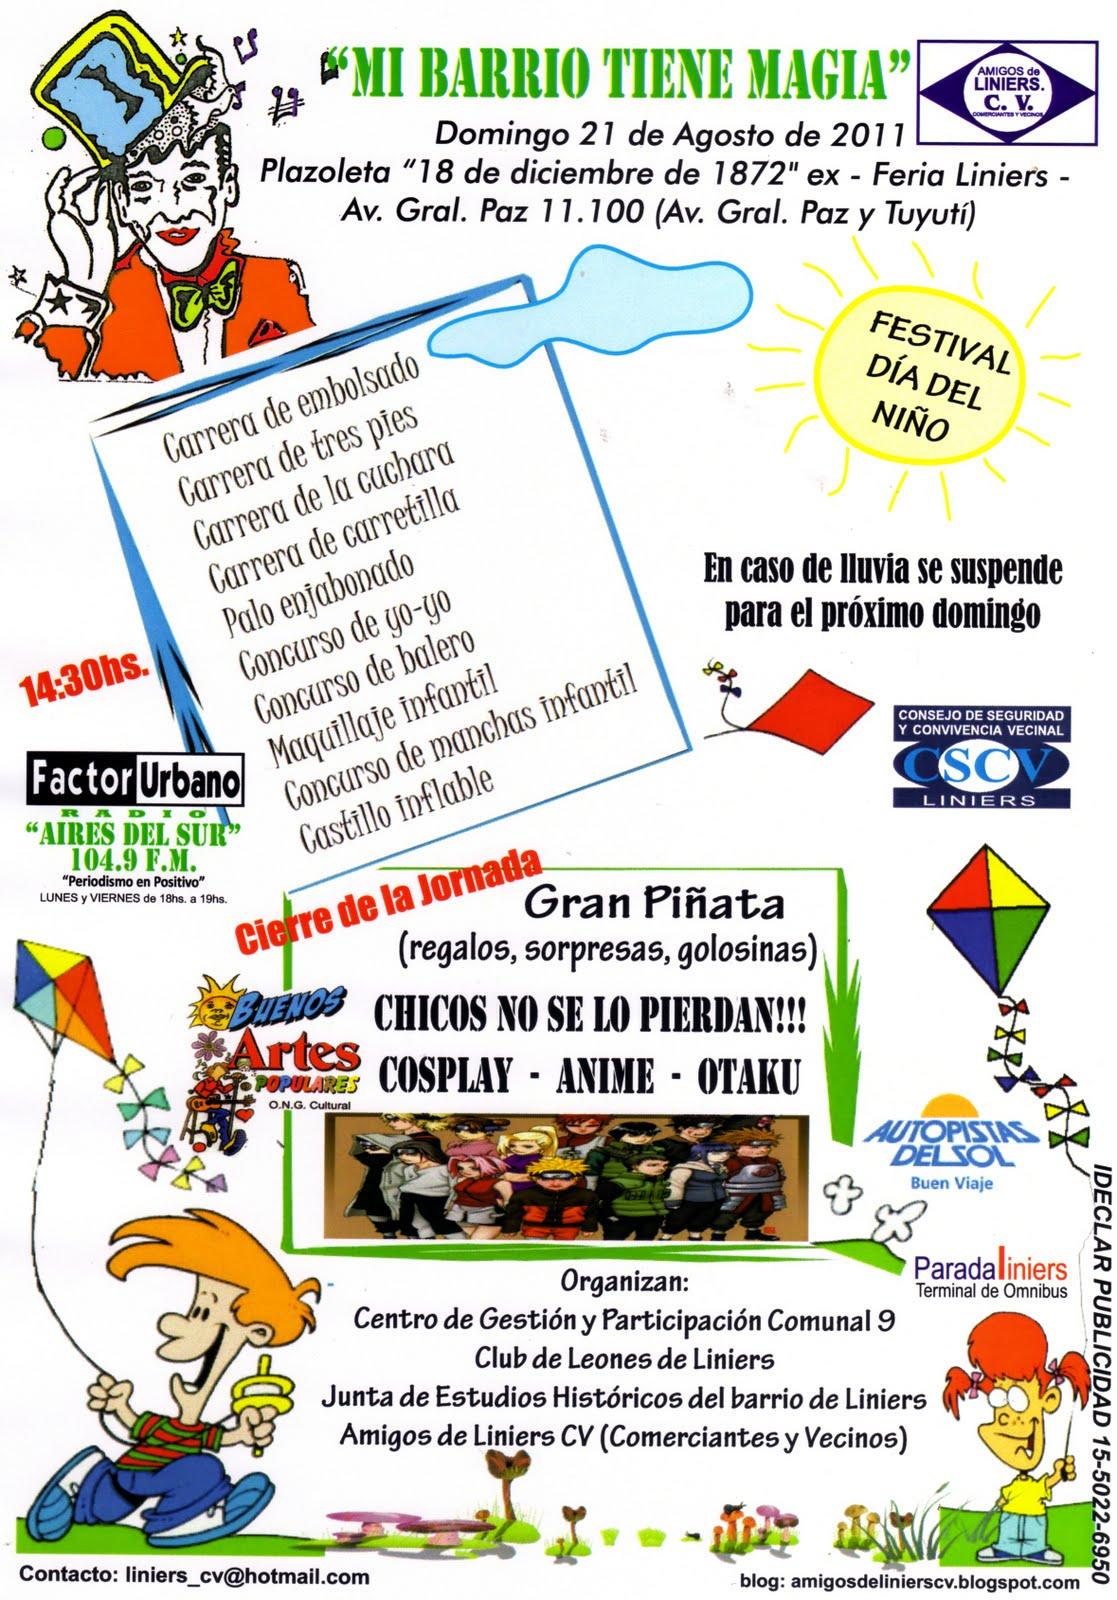 Festival dia del Niño mi Barrio tiene magia en Liniers | Amigos De ...